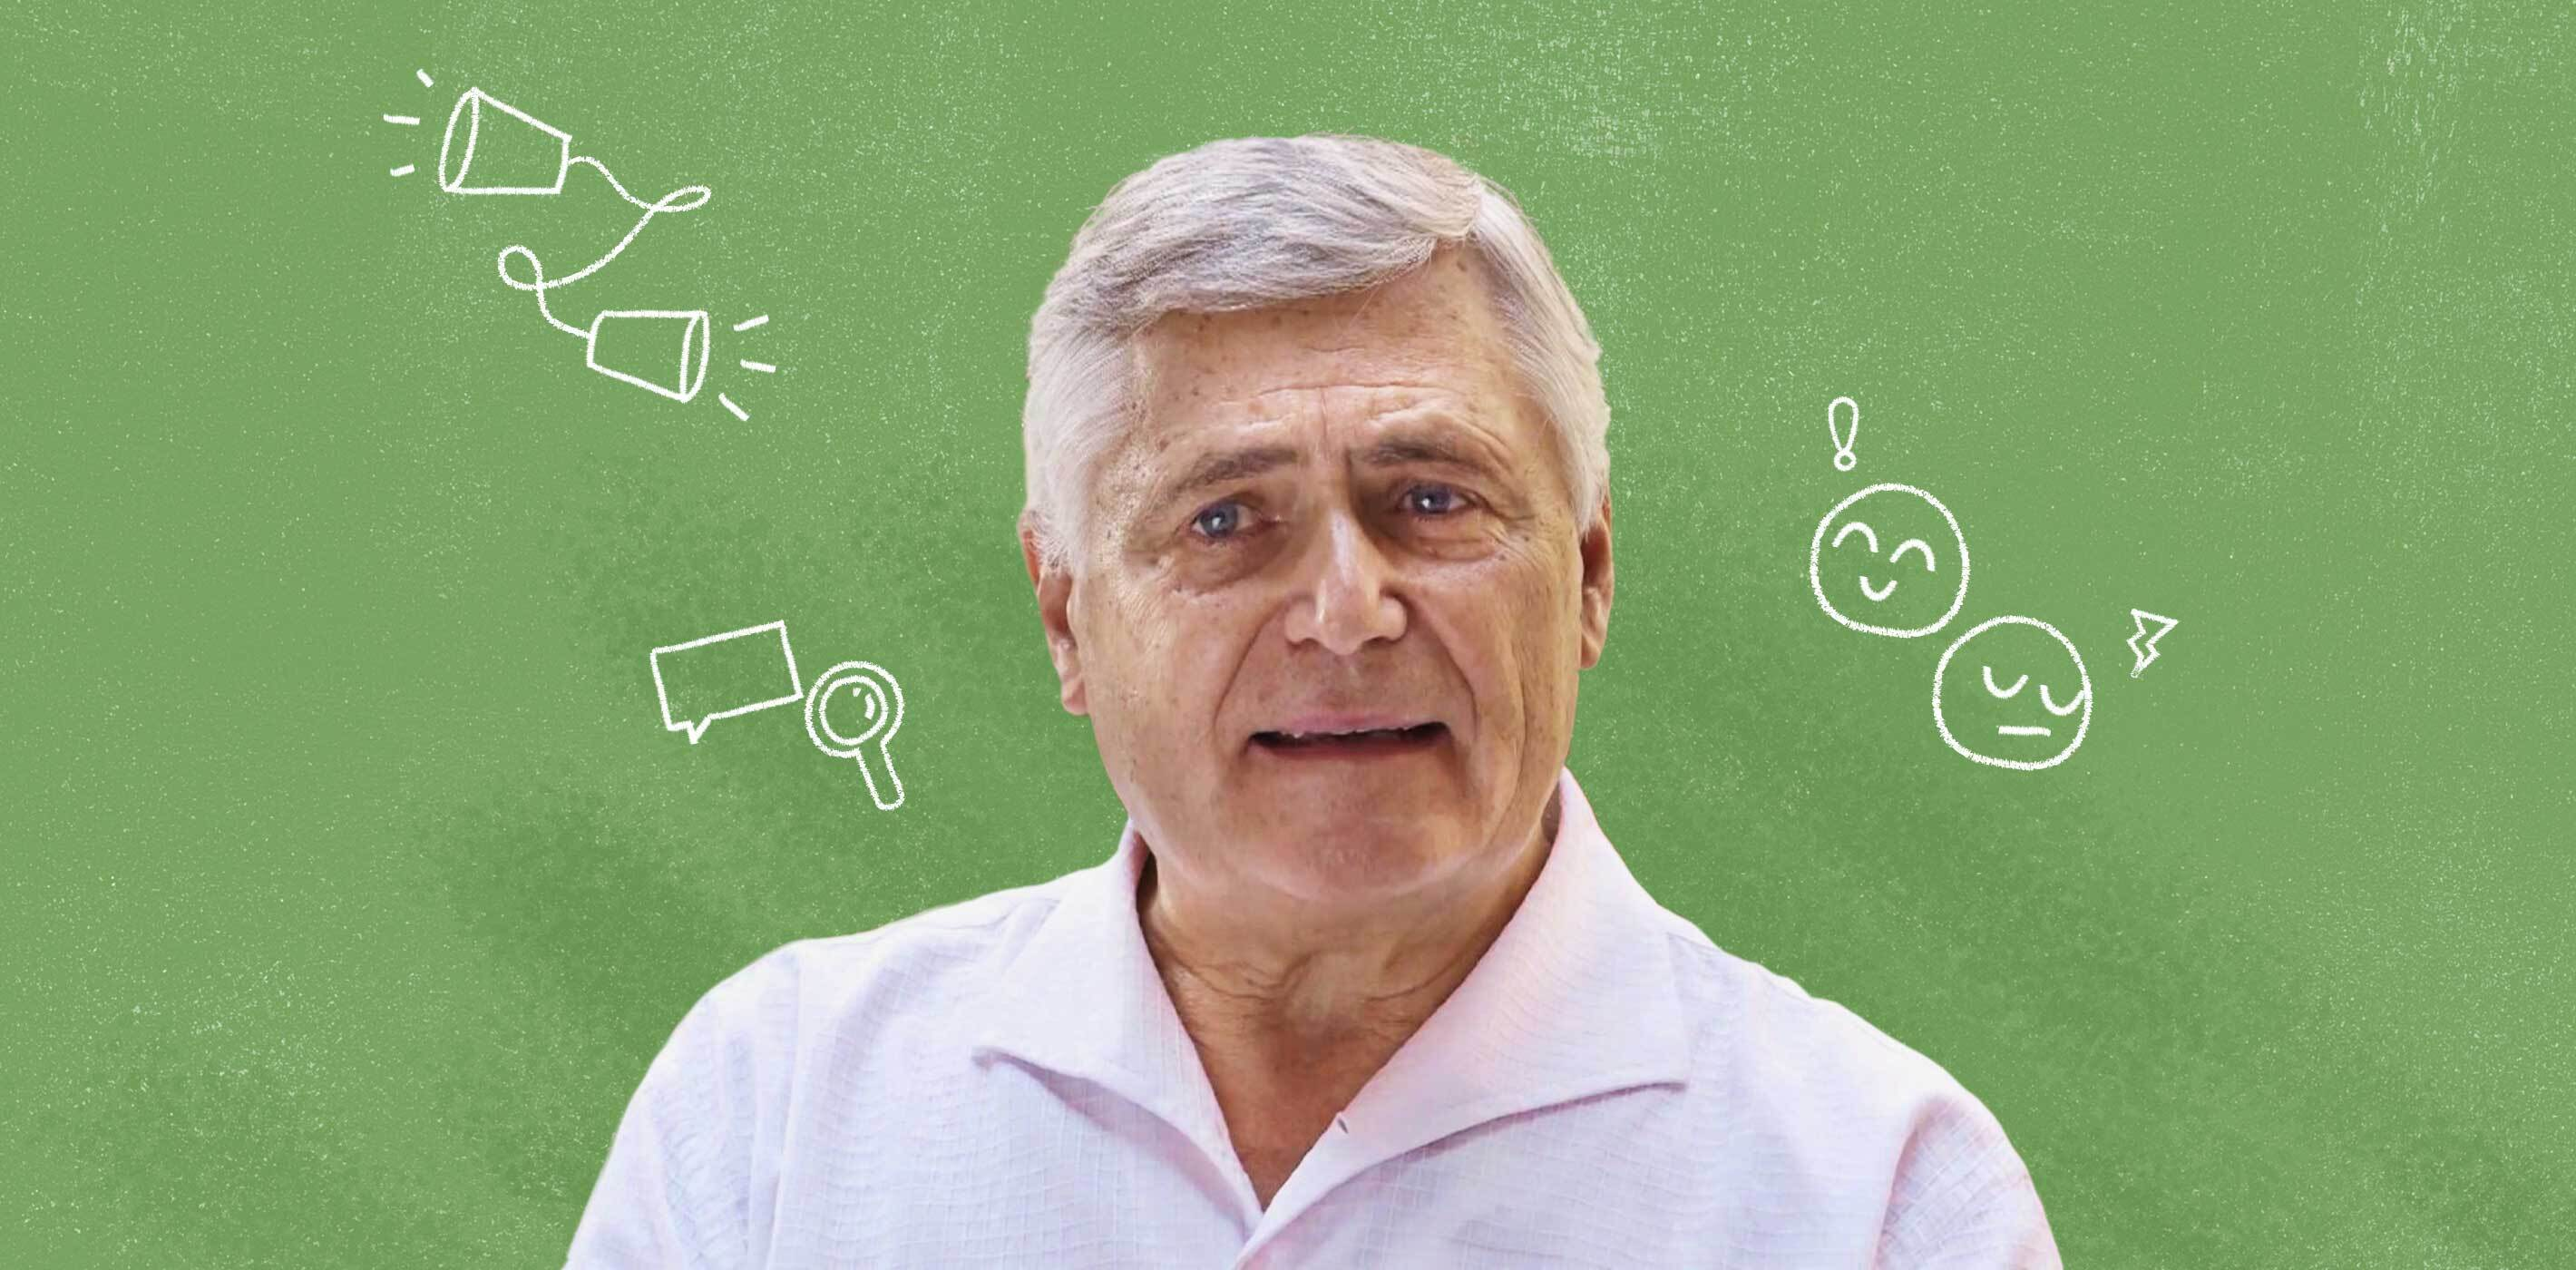 educación emocional rafael bisquerra